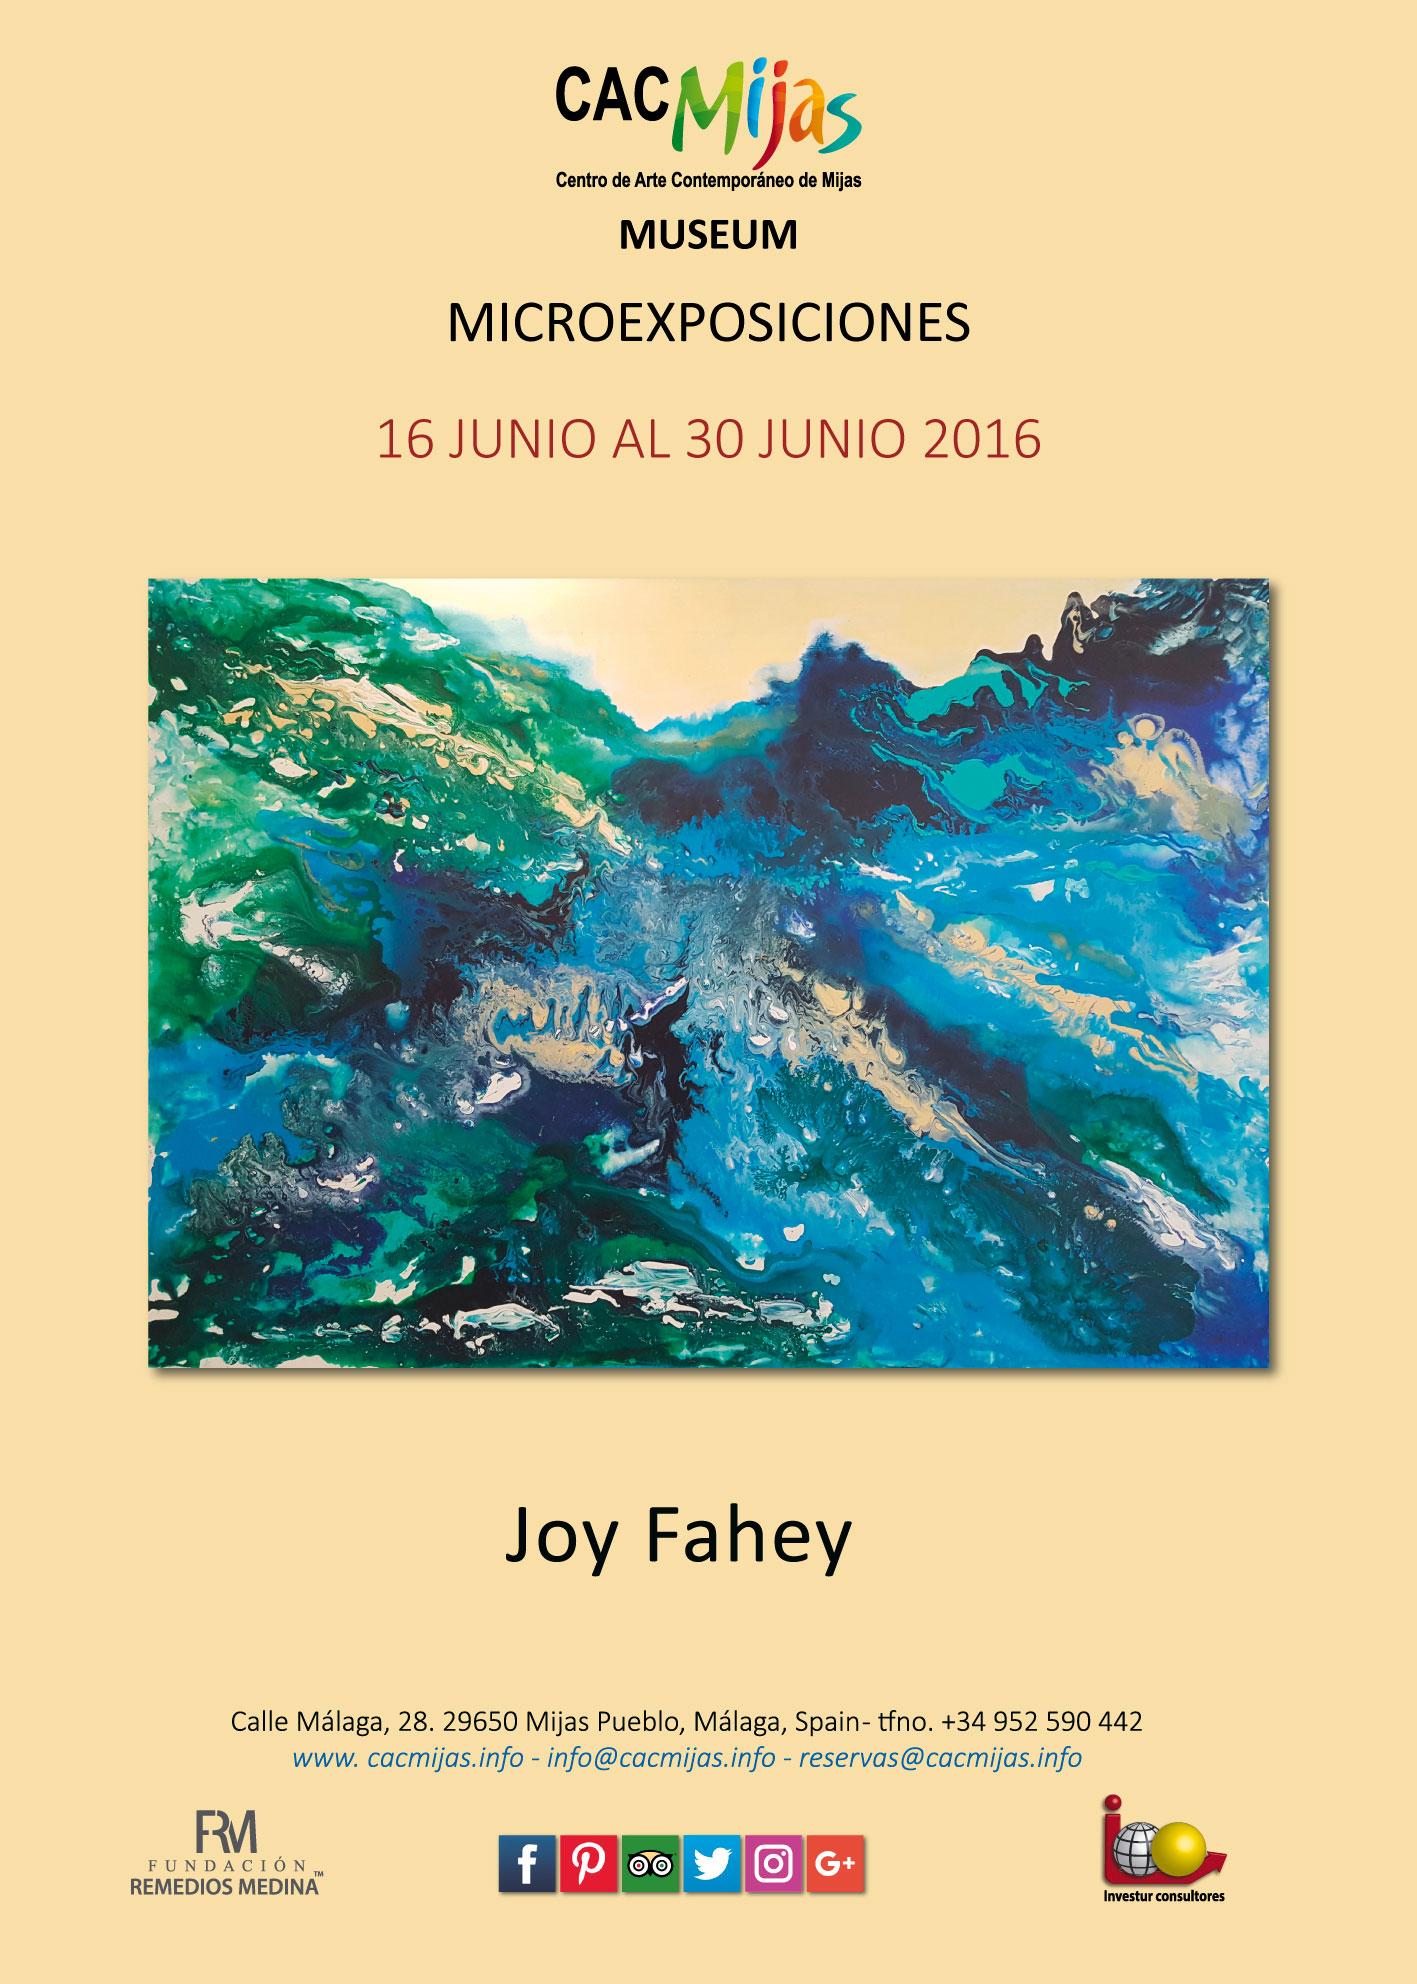 JOY FAHEY